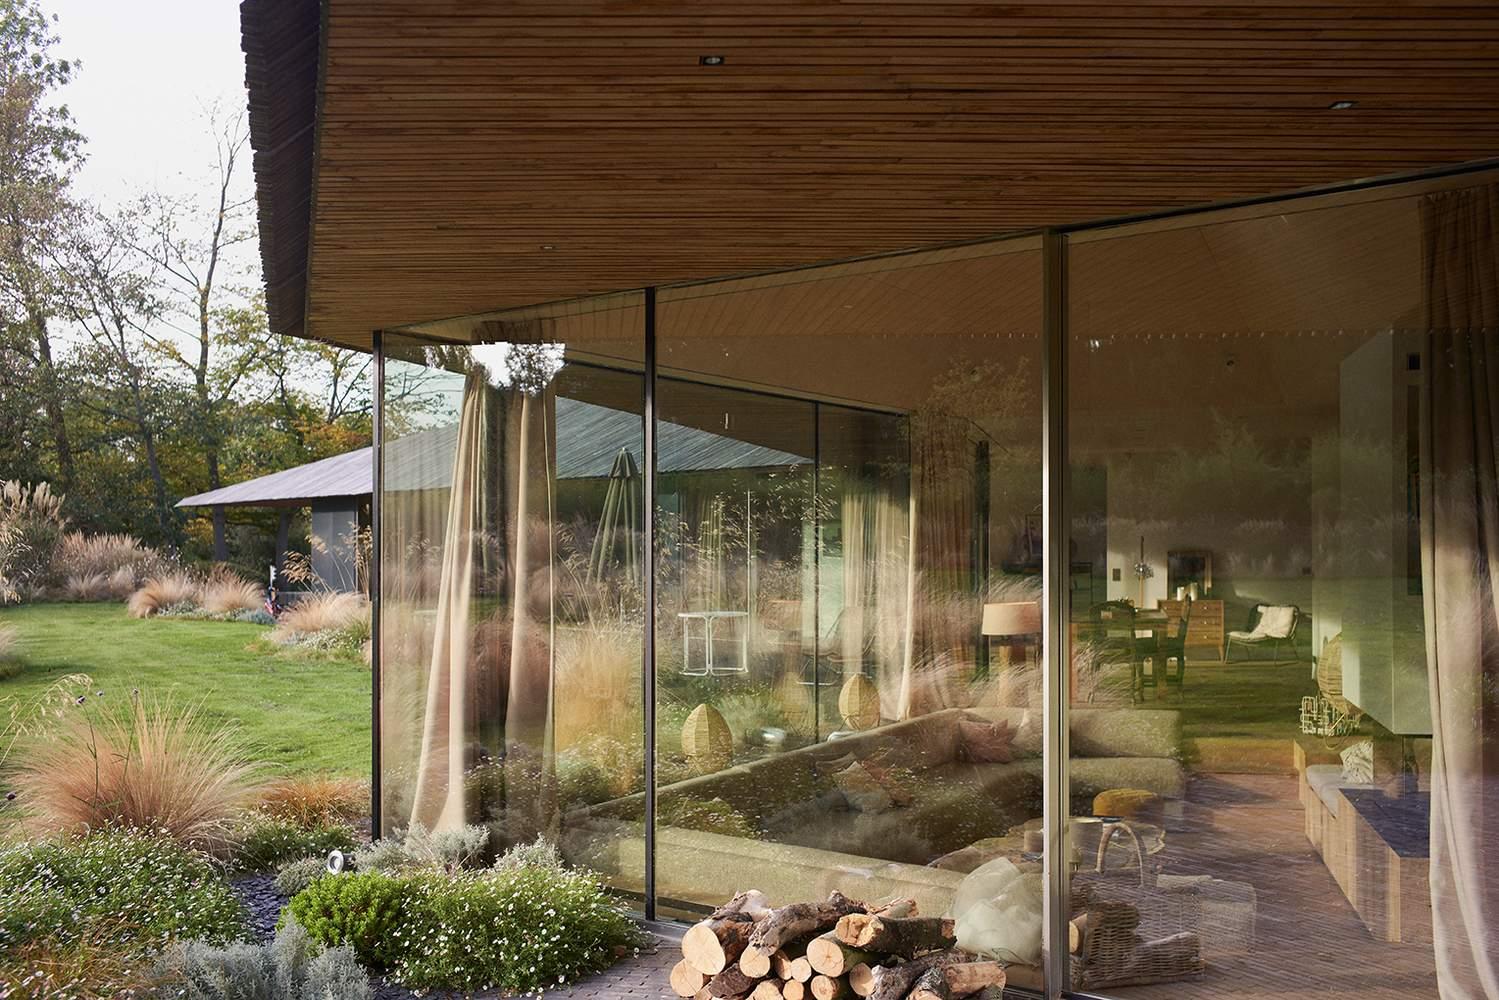 Великі панорамні вікна створюють атмосферу лісу у домі / Фото Archdaily